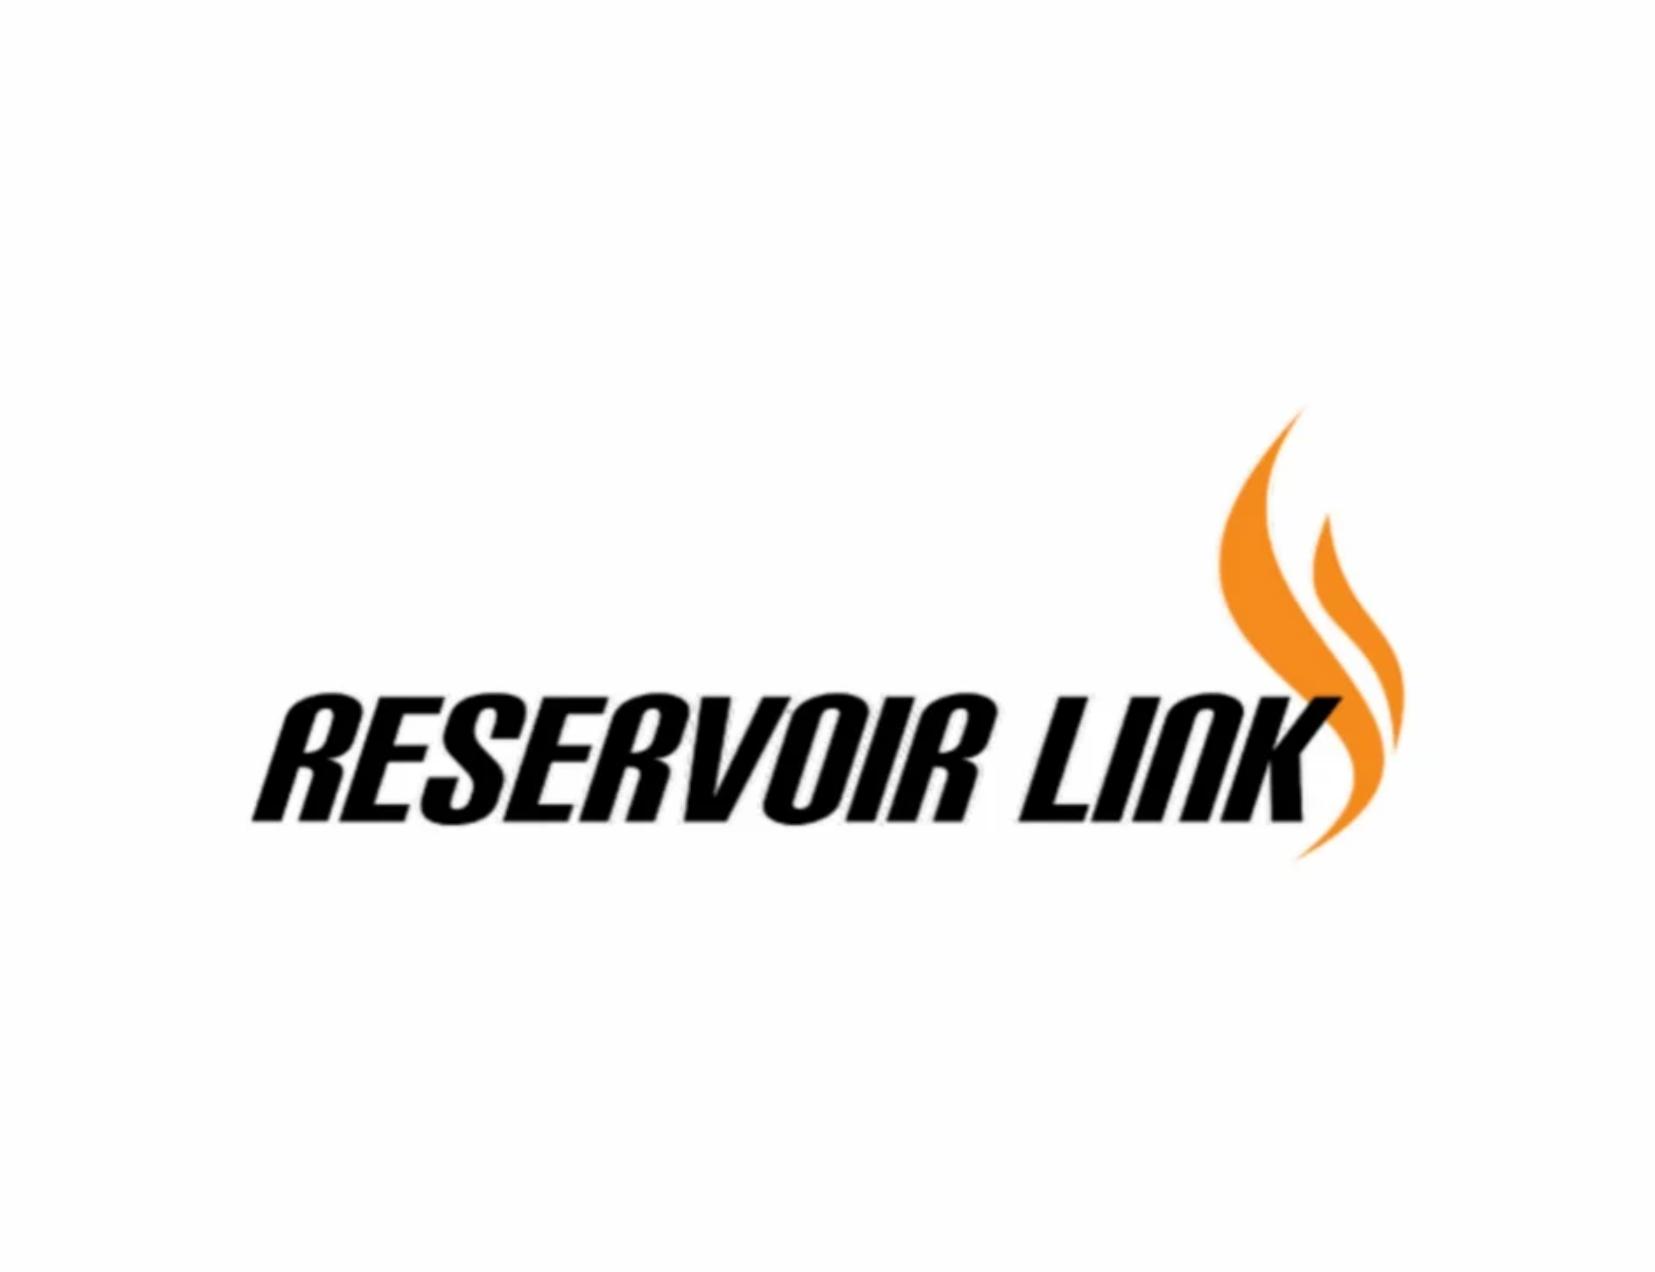 RL   RESERVOIR LINK ENERGY BHD